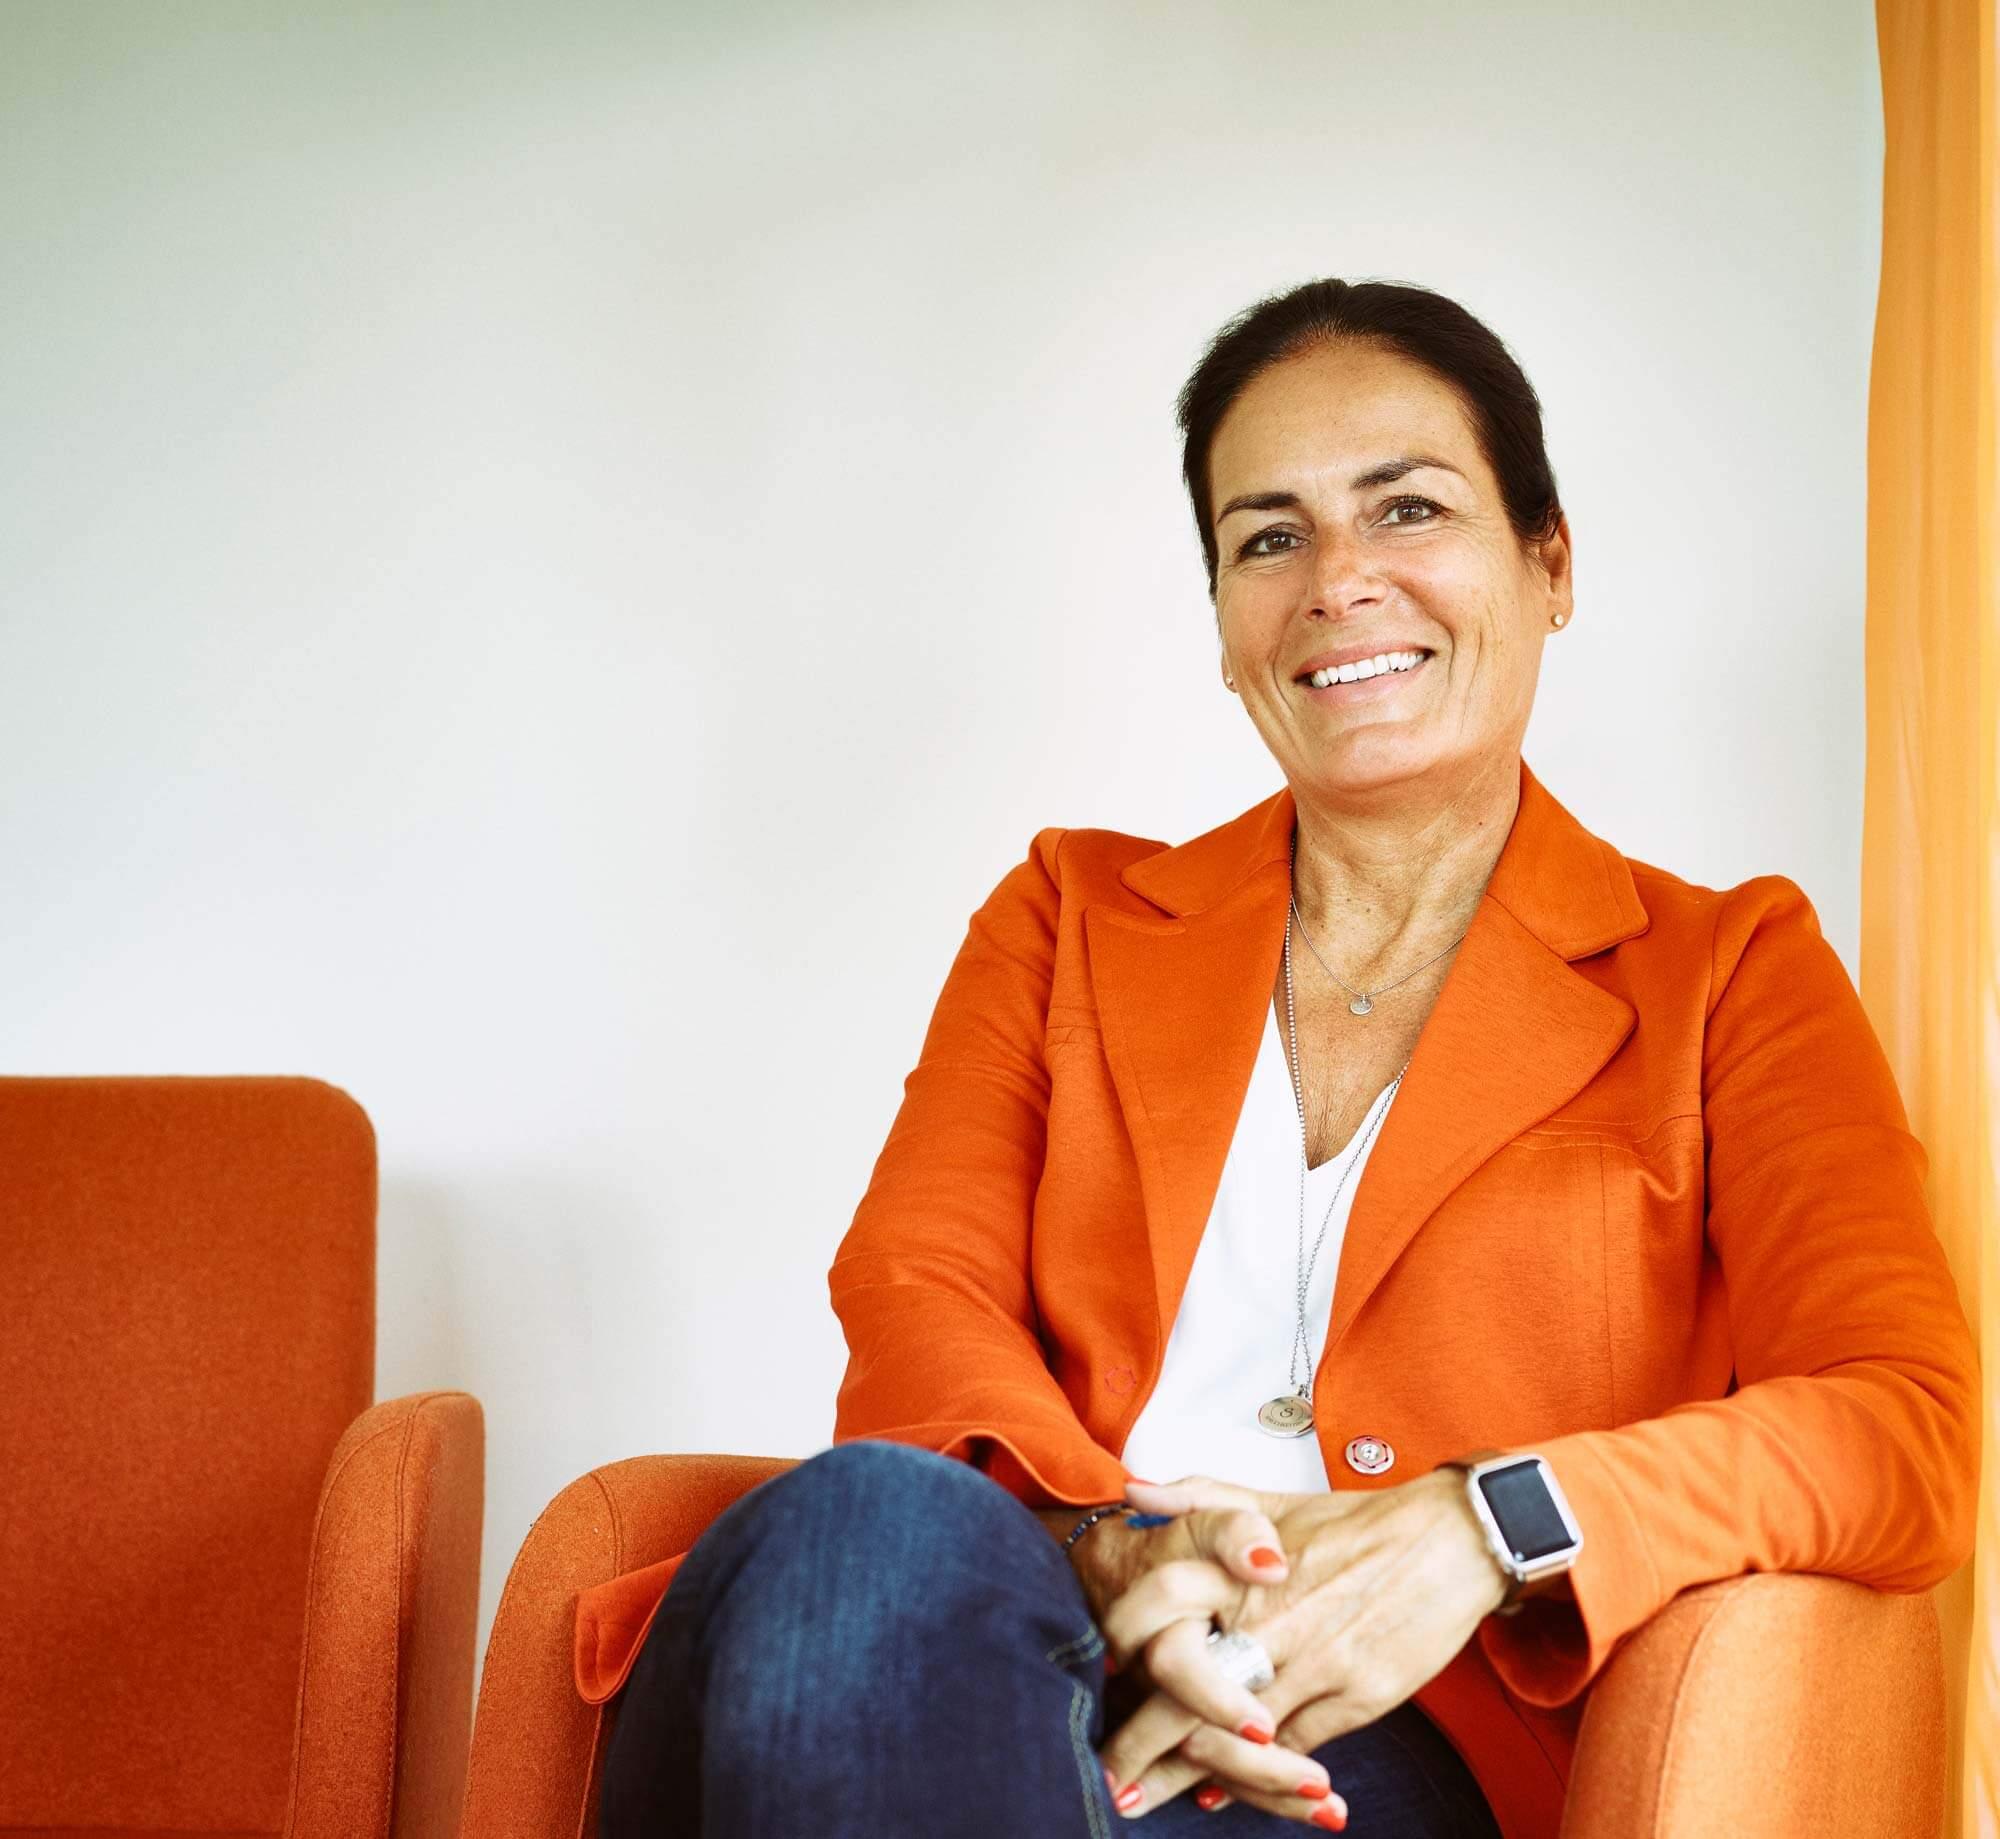 Foto vom Interview mit Rechtsanwältin Manuela Reibold-Rollinger